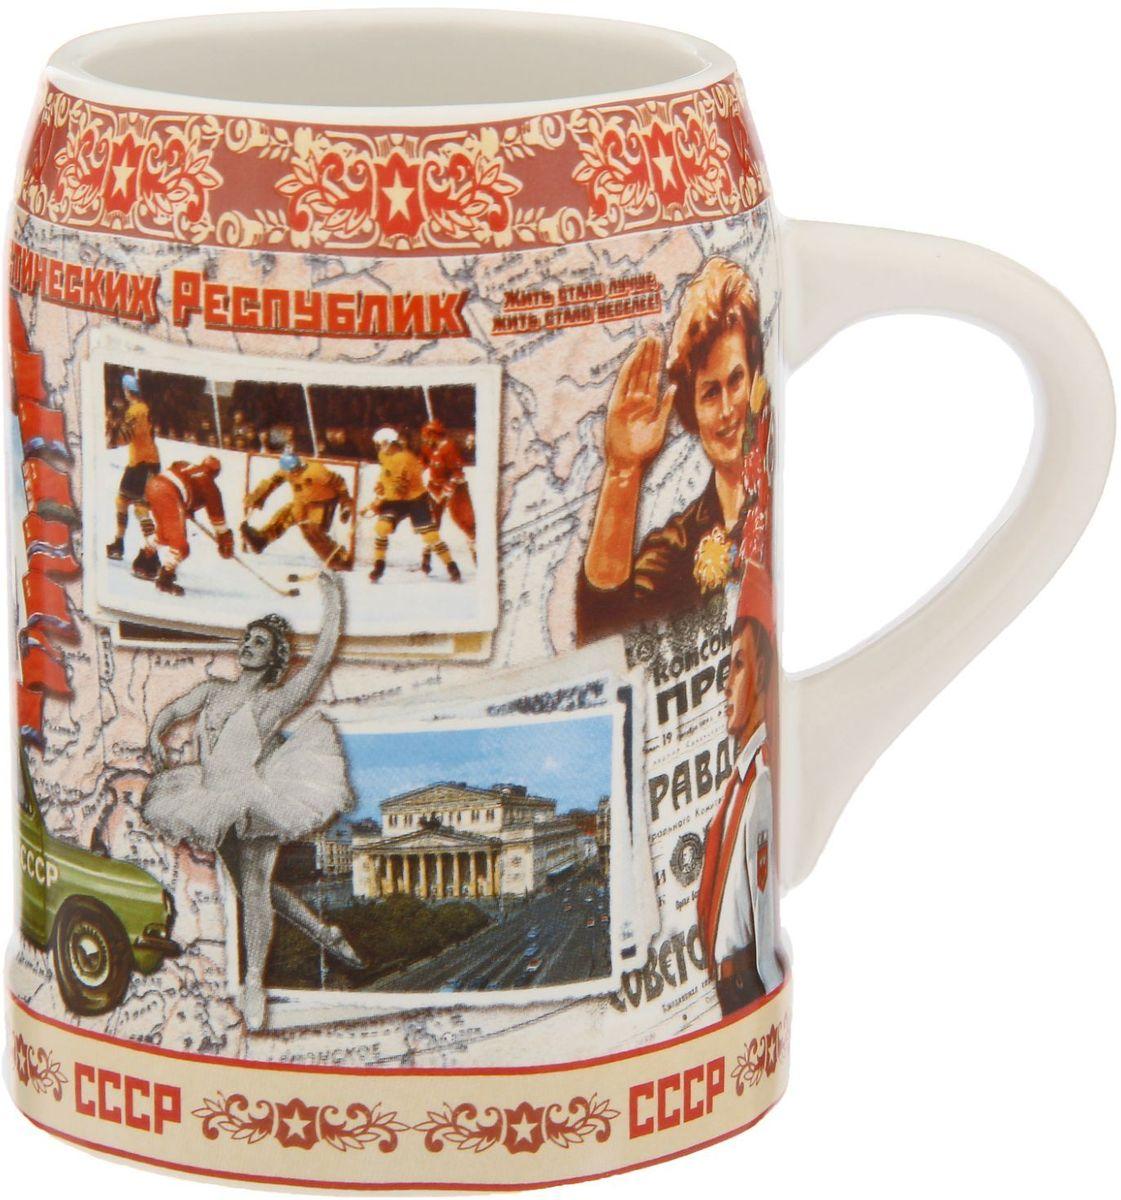 Кружка пивная Sima-land СССР, 500 млVT-1520(SR)Пейте пиво пенное!Сегодня кружка — это не просто предмет посуды. Это произведение искусства в разных его проявлениях и для разных целей. Например, любители пива знают наверняка, что хмельной напиток становится ещё вкусней, если пить его из любимого бокала.Пивная кружка Sima-land СССР сделает посиделки с друзьями ещё душевнее и веселее. Она непременно понравится людям с хорошим чувством юмора. Изделие покрыто ярким авторским рисунком, что делает его по-настоящему уникальным. Удобная форма бокала, чуть суженная у края, оставит игривые пенные пузырьки внутри, сохранив вместе с ними аромат любимого напитка.Прекрасно подойдёт в качестве подарка друзьям или приятного дополнения к застолью в хорошей компании.Упакована в картонную подарочную коробочку с прозрачным окном.